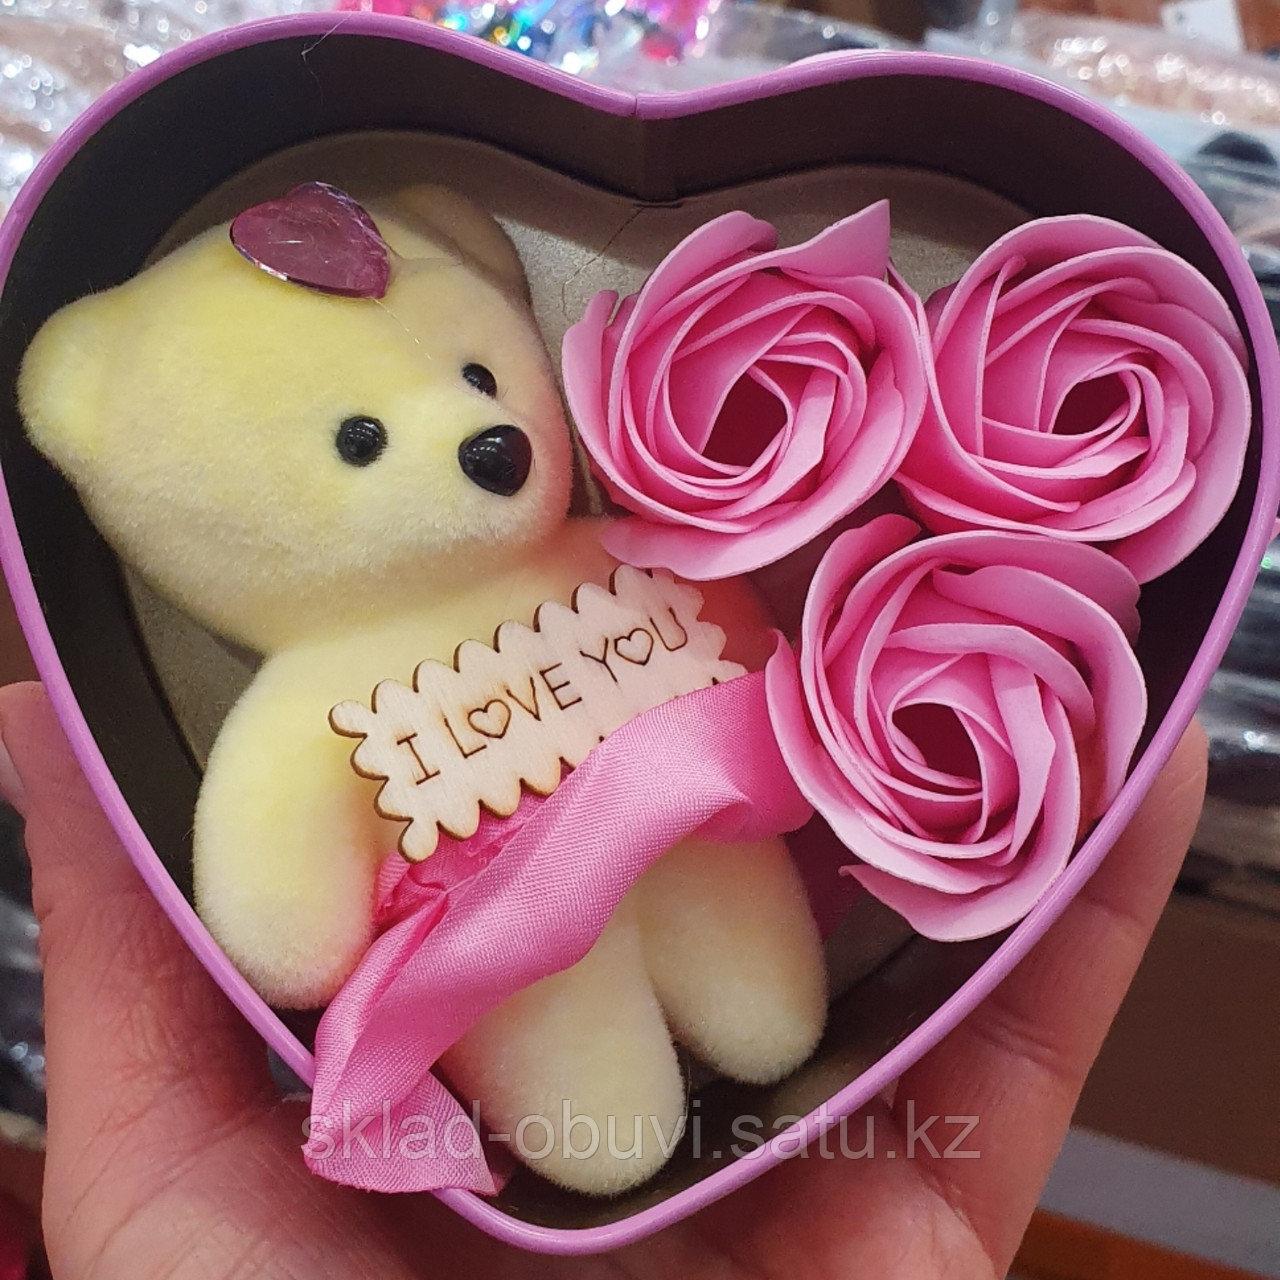 Цветы с игрушкой / милый подарок / букет/ подарочный набор в металлической коробочке в форме сердца - фото 1